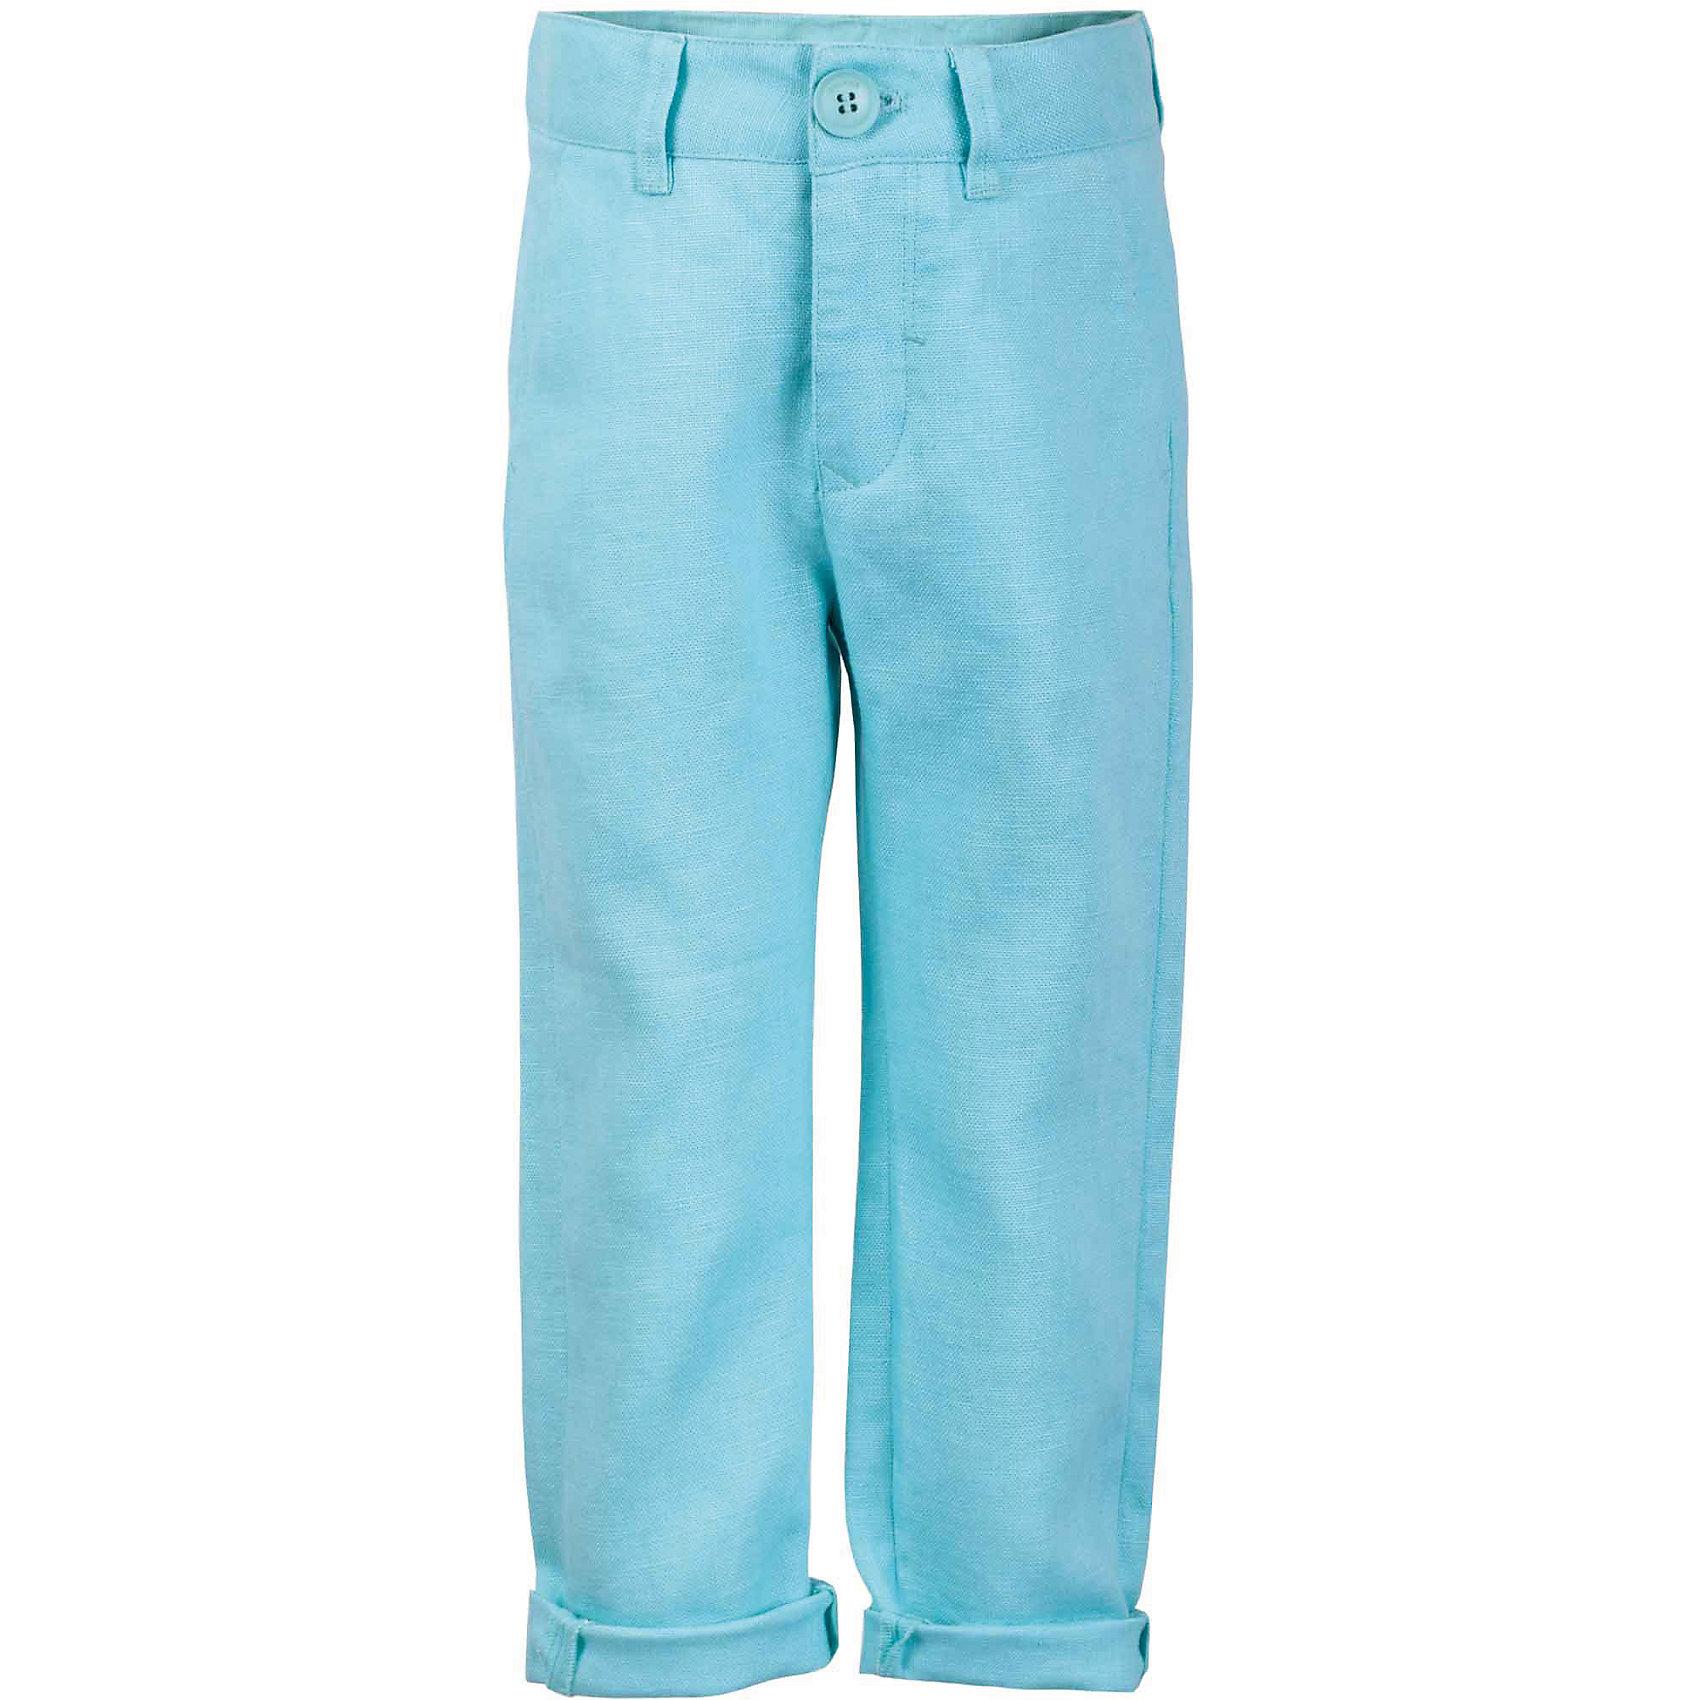 Брюки для мальчика GulliverБрюки<br>Несмотря на то, что джинсы по-прежнему занимают в гардеробе ребенка первое место, классические брюки для мальчика никто не отменял! Походы в театр, в гости, на важные и торжественные мероприятия предполагают на ребенке особый look. Модные светлые брюки в сочетании со стильной рубашкой, джемпером, пиджаком или жилетом - и ваш ребенок будет неотразим! Натуральный лен с характерными элегантными заминами придает модели особый шарм. Ментоловый цвет выглядит нарядно, благородно, изысканно!<br>Состав:<br>100% лён<br><br>Ширина мм: 215<br>Глубина мм: 88<br>Высота мм: 191<br>Вес г: 336<br>Цвет: голубой<br>Возраст от месяцев: 72<br>Возраст до месяцев: 84<br>Пол: Мужской<br>Возраст: Детский<br>Размер: 122,140,134,128<br>SKU: 5483325